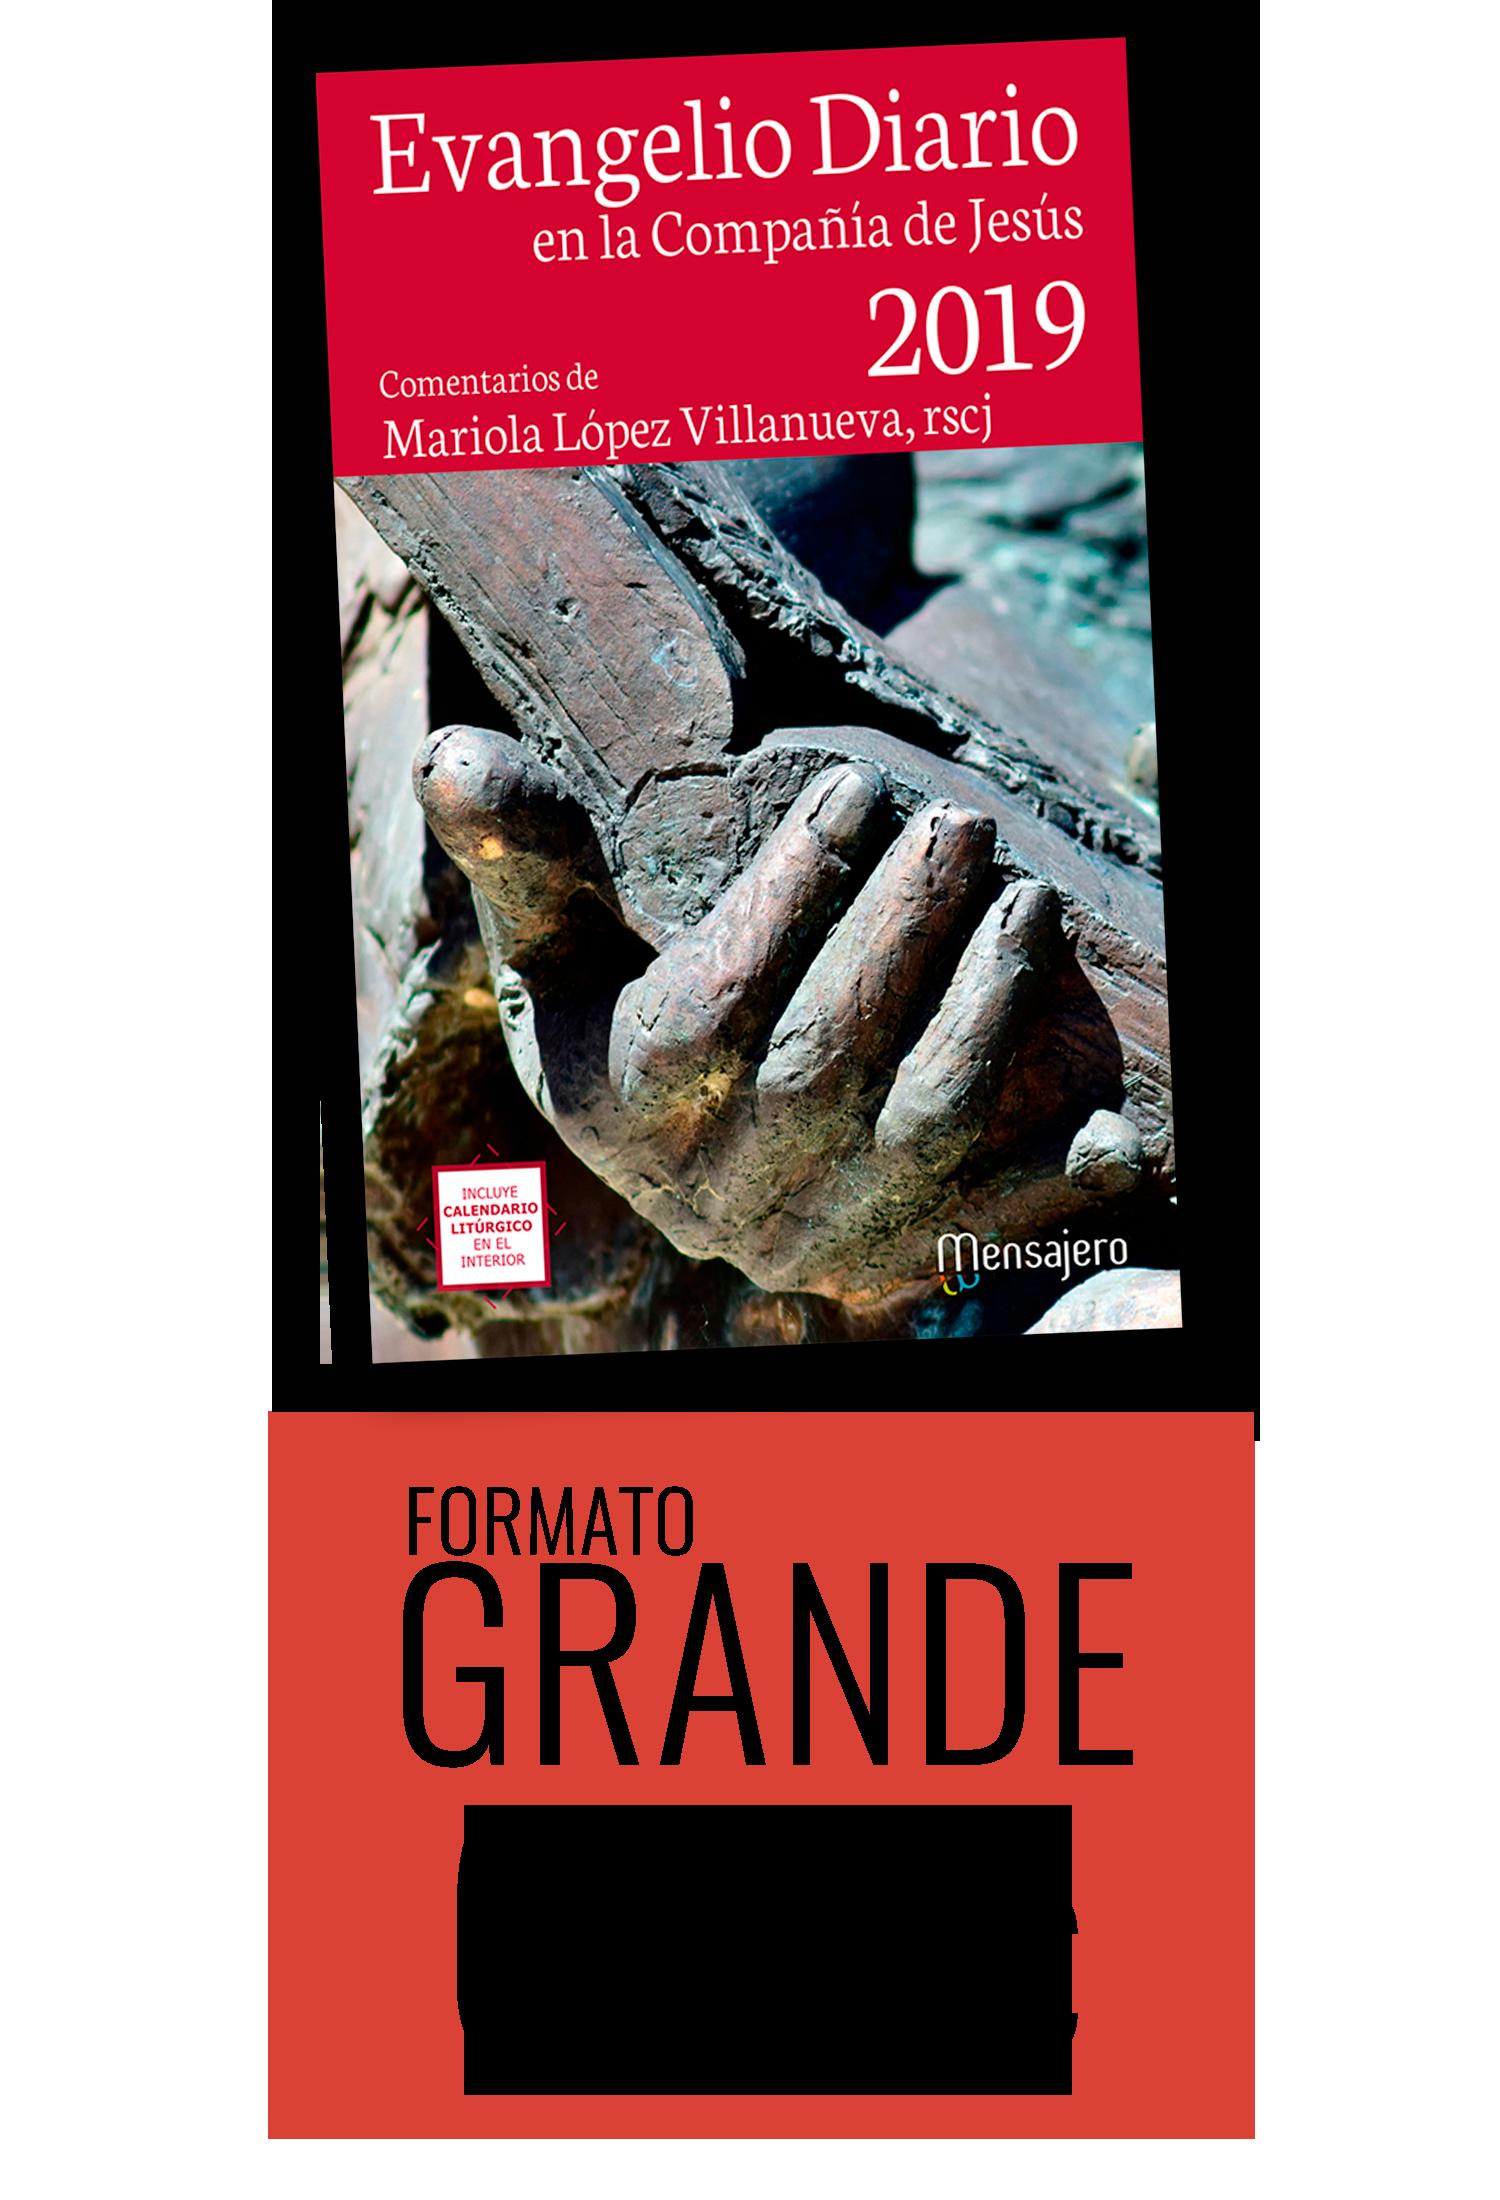 20180803-evangelio-grande-landing-page-evangelio-diario